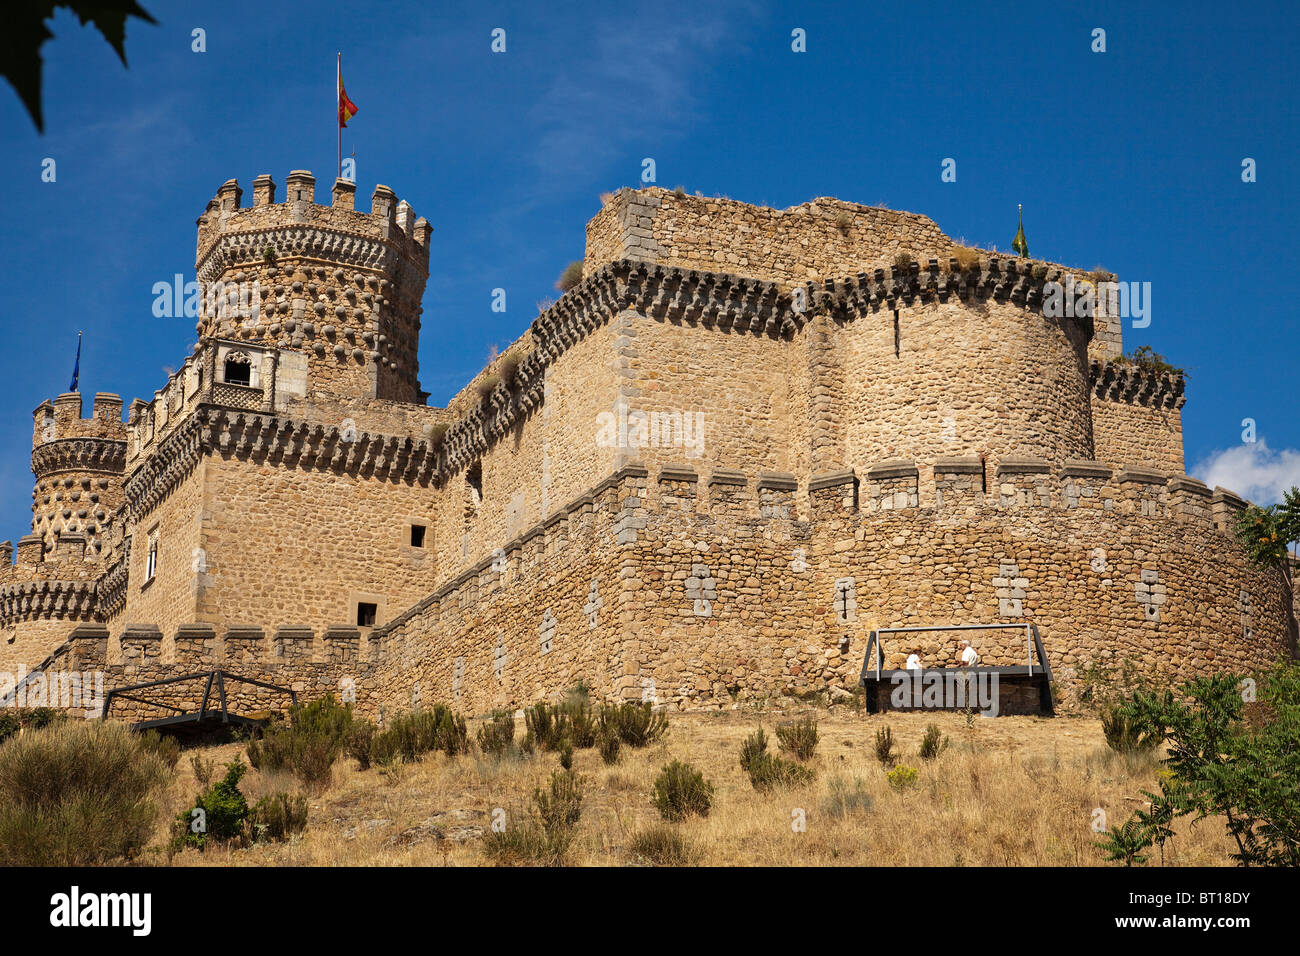 Castillo de los Mendoza en Manzanares El Real Madrid España Mendoza castle Manzanares El Real Madrid Spain Stock Photo